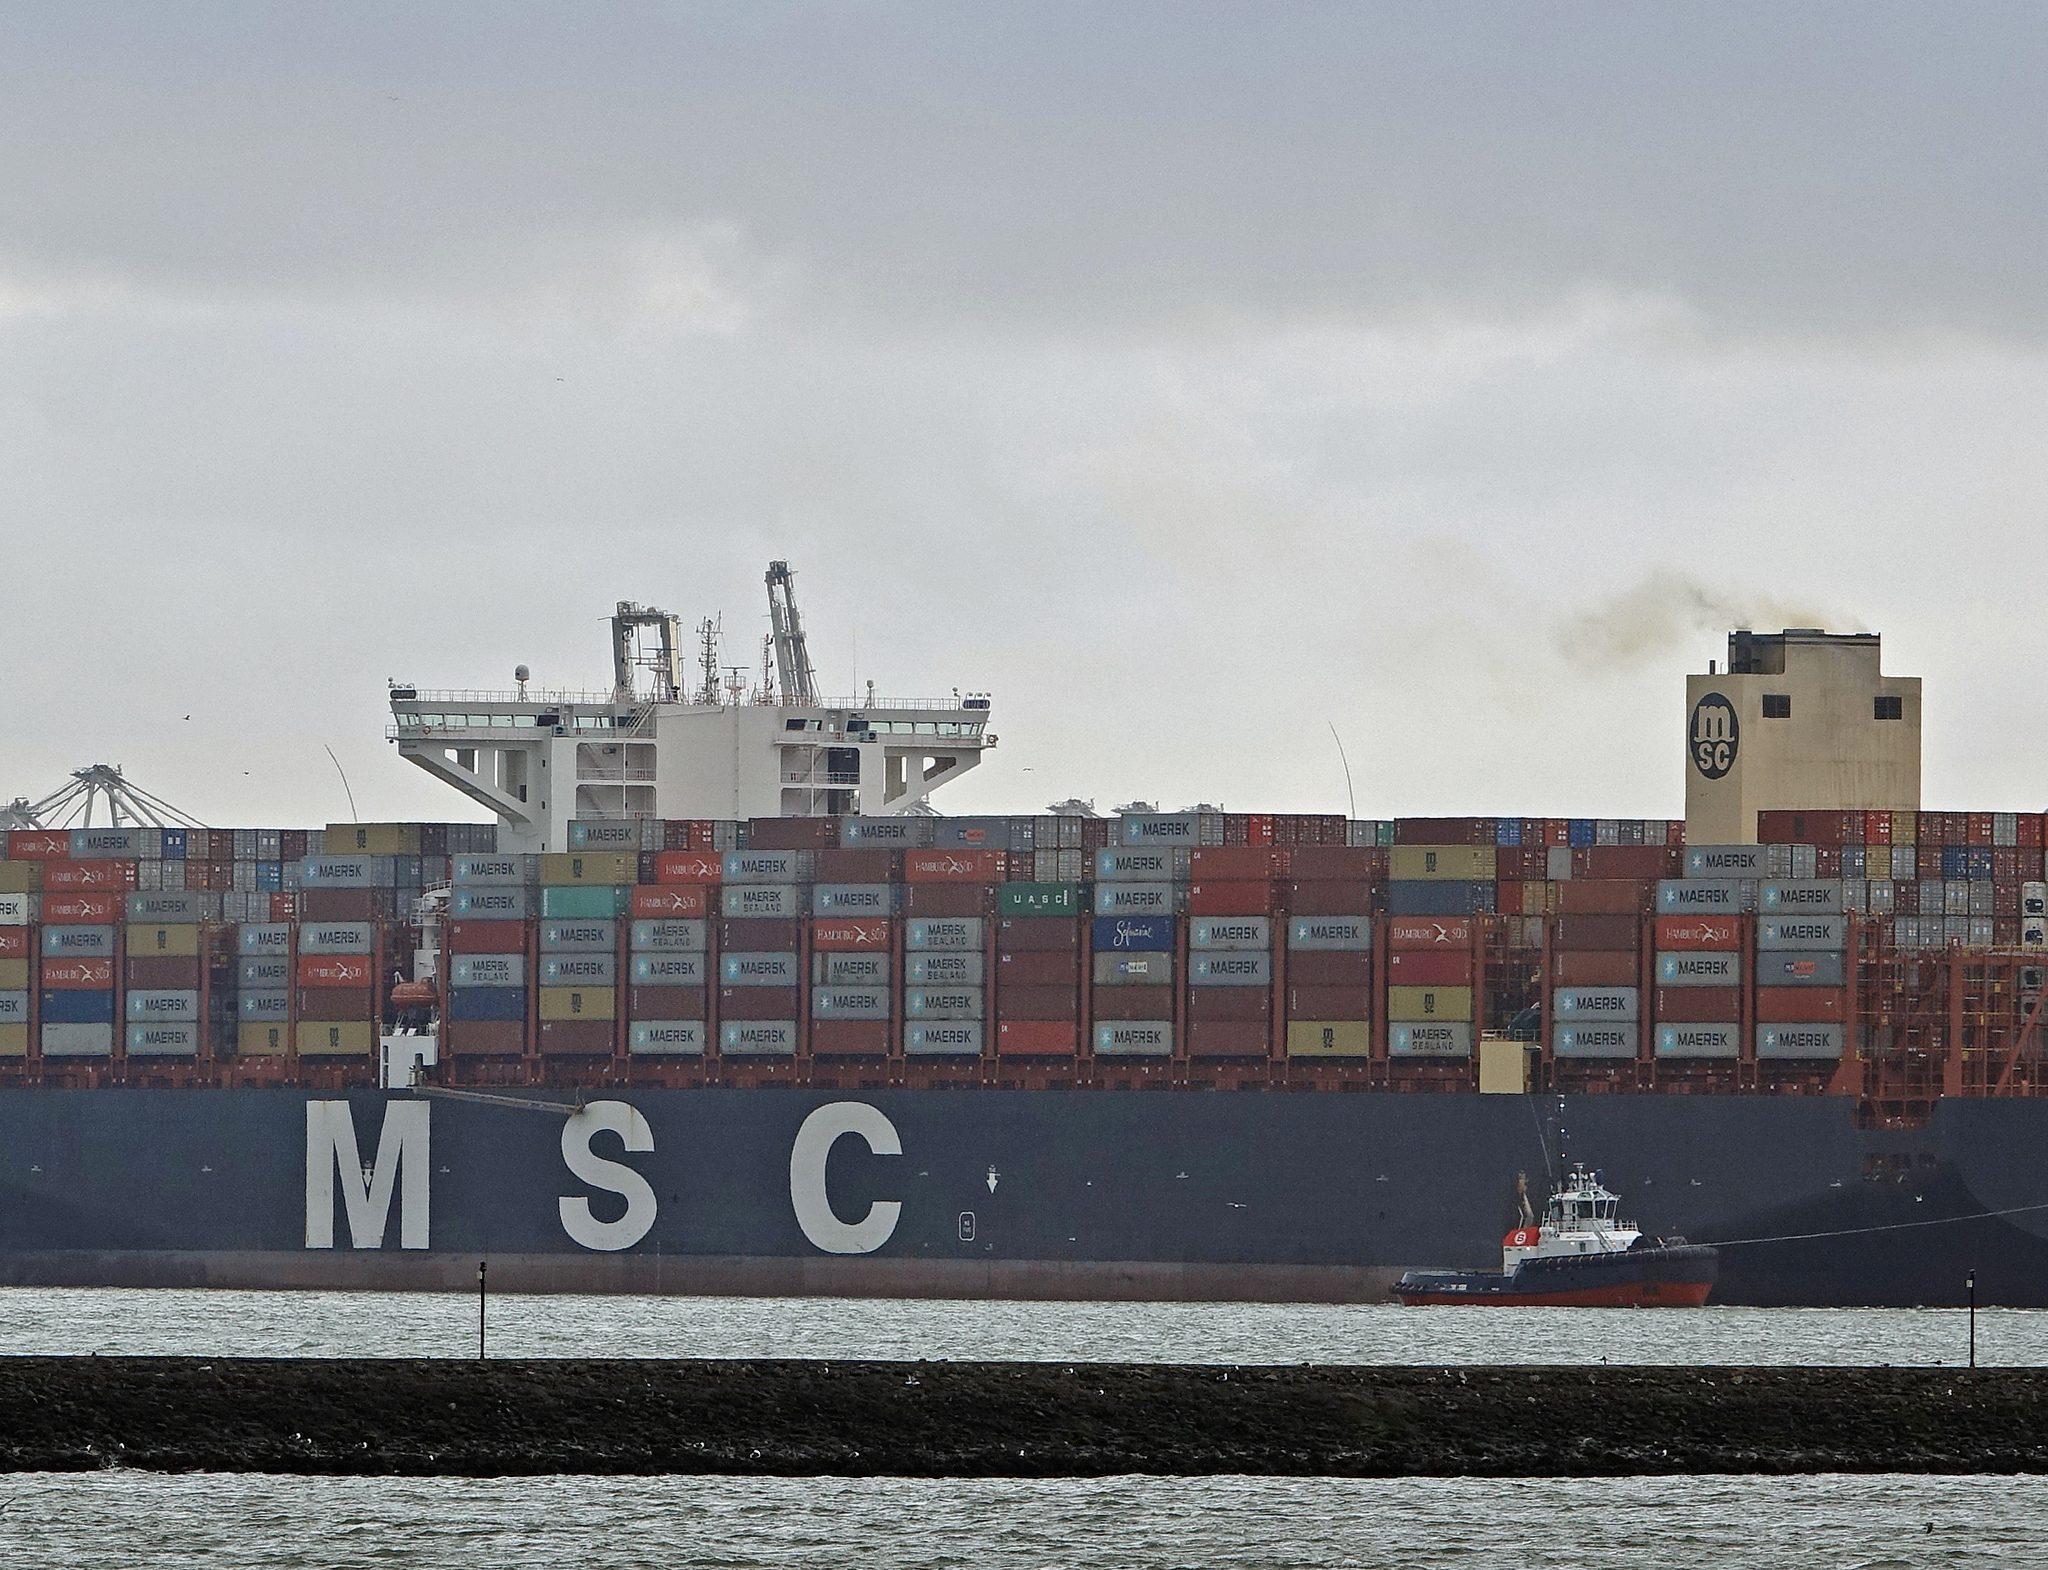 De MSC Rifaya was het eerste schip wat in de haven van Rotterdam aankwam na de blokkade van het Suezkanaal. (Foto Port of Rotterdam)